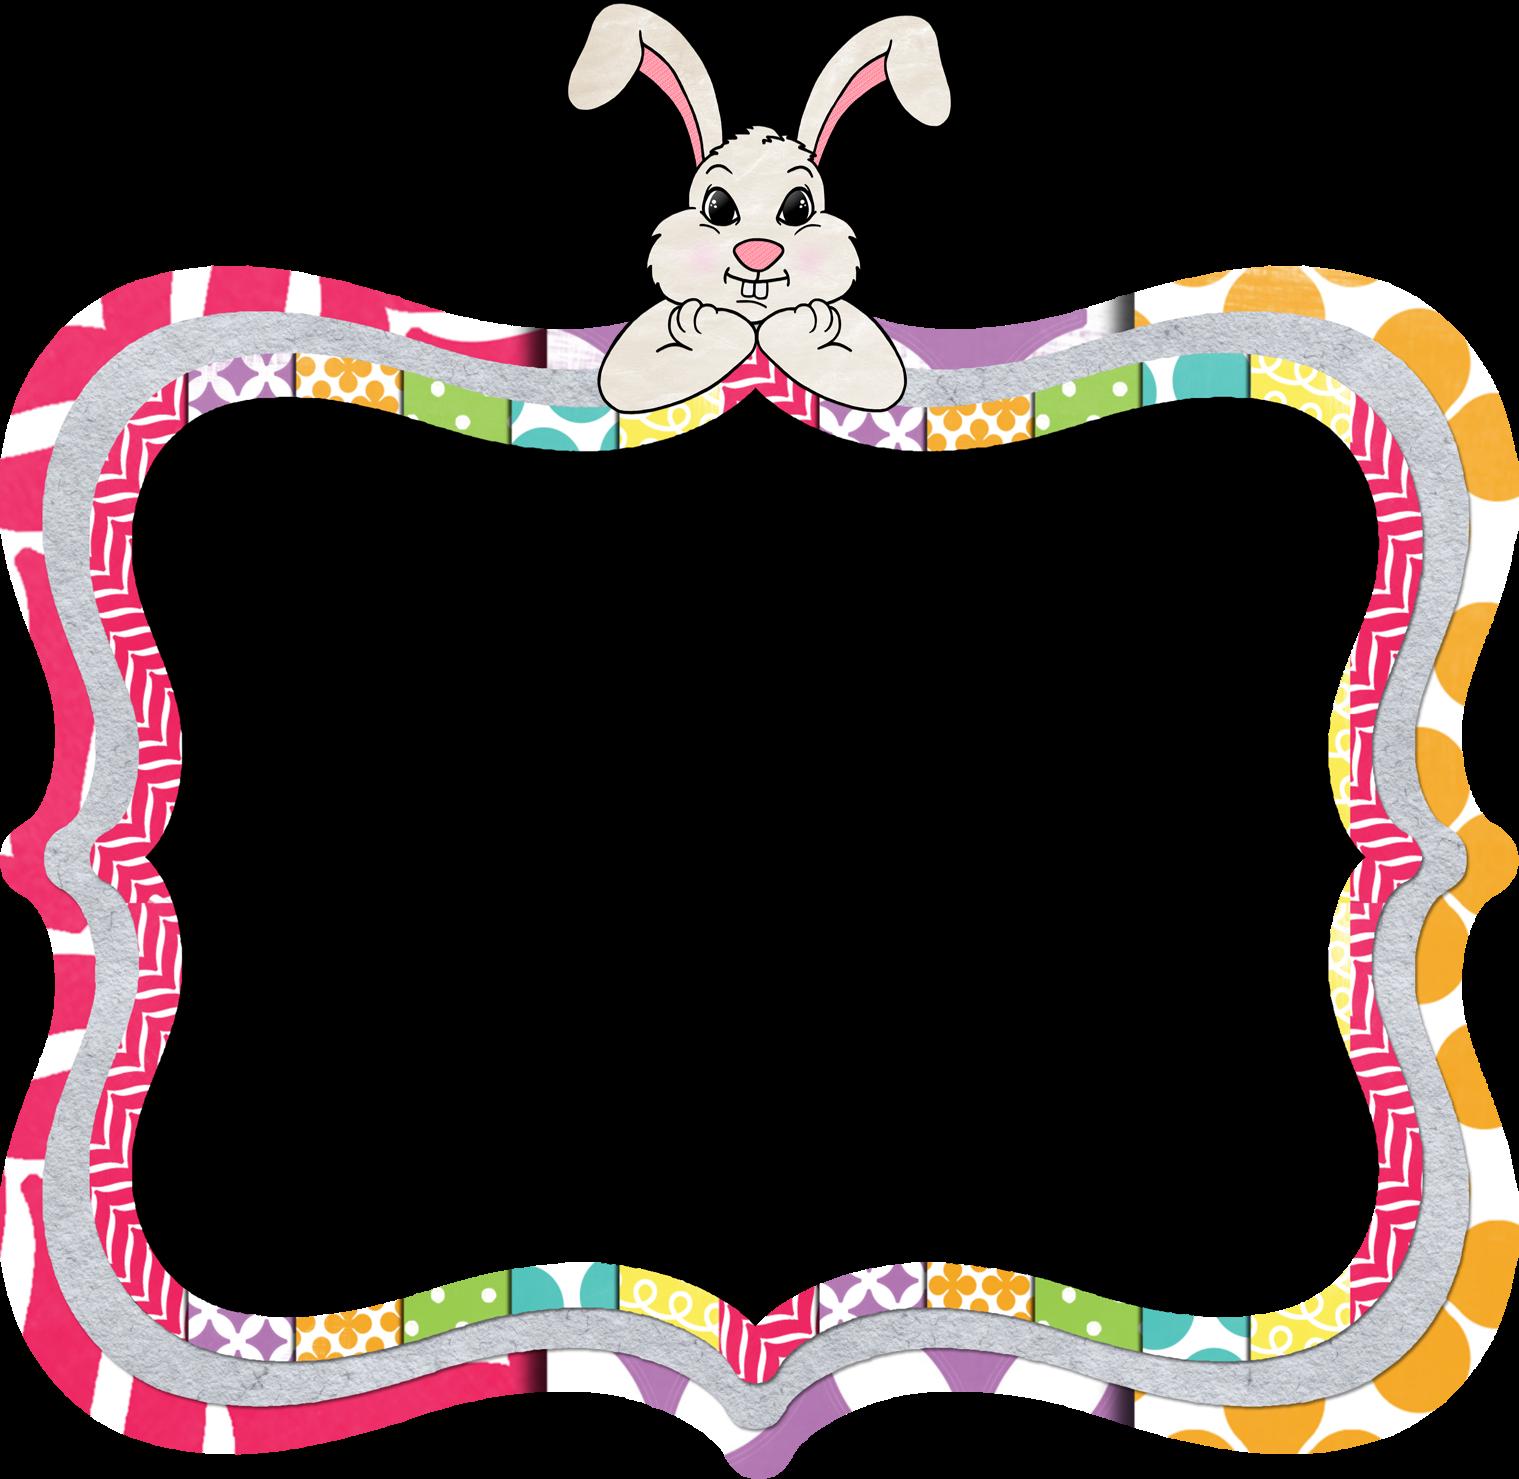 vector stock Bunny clipart frame. The am teacher happy.